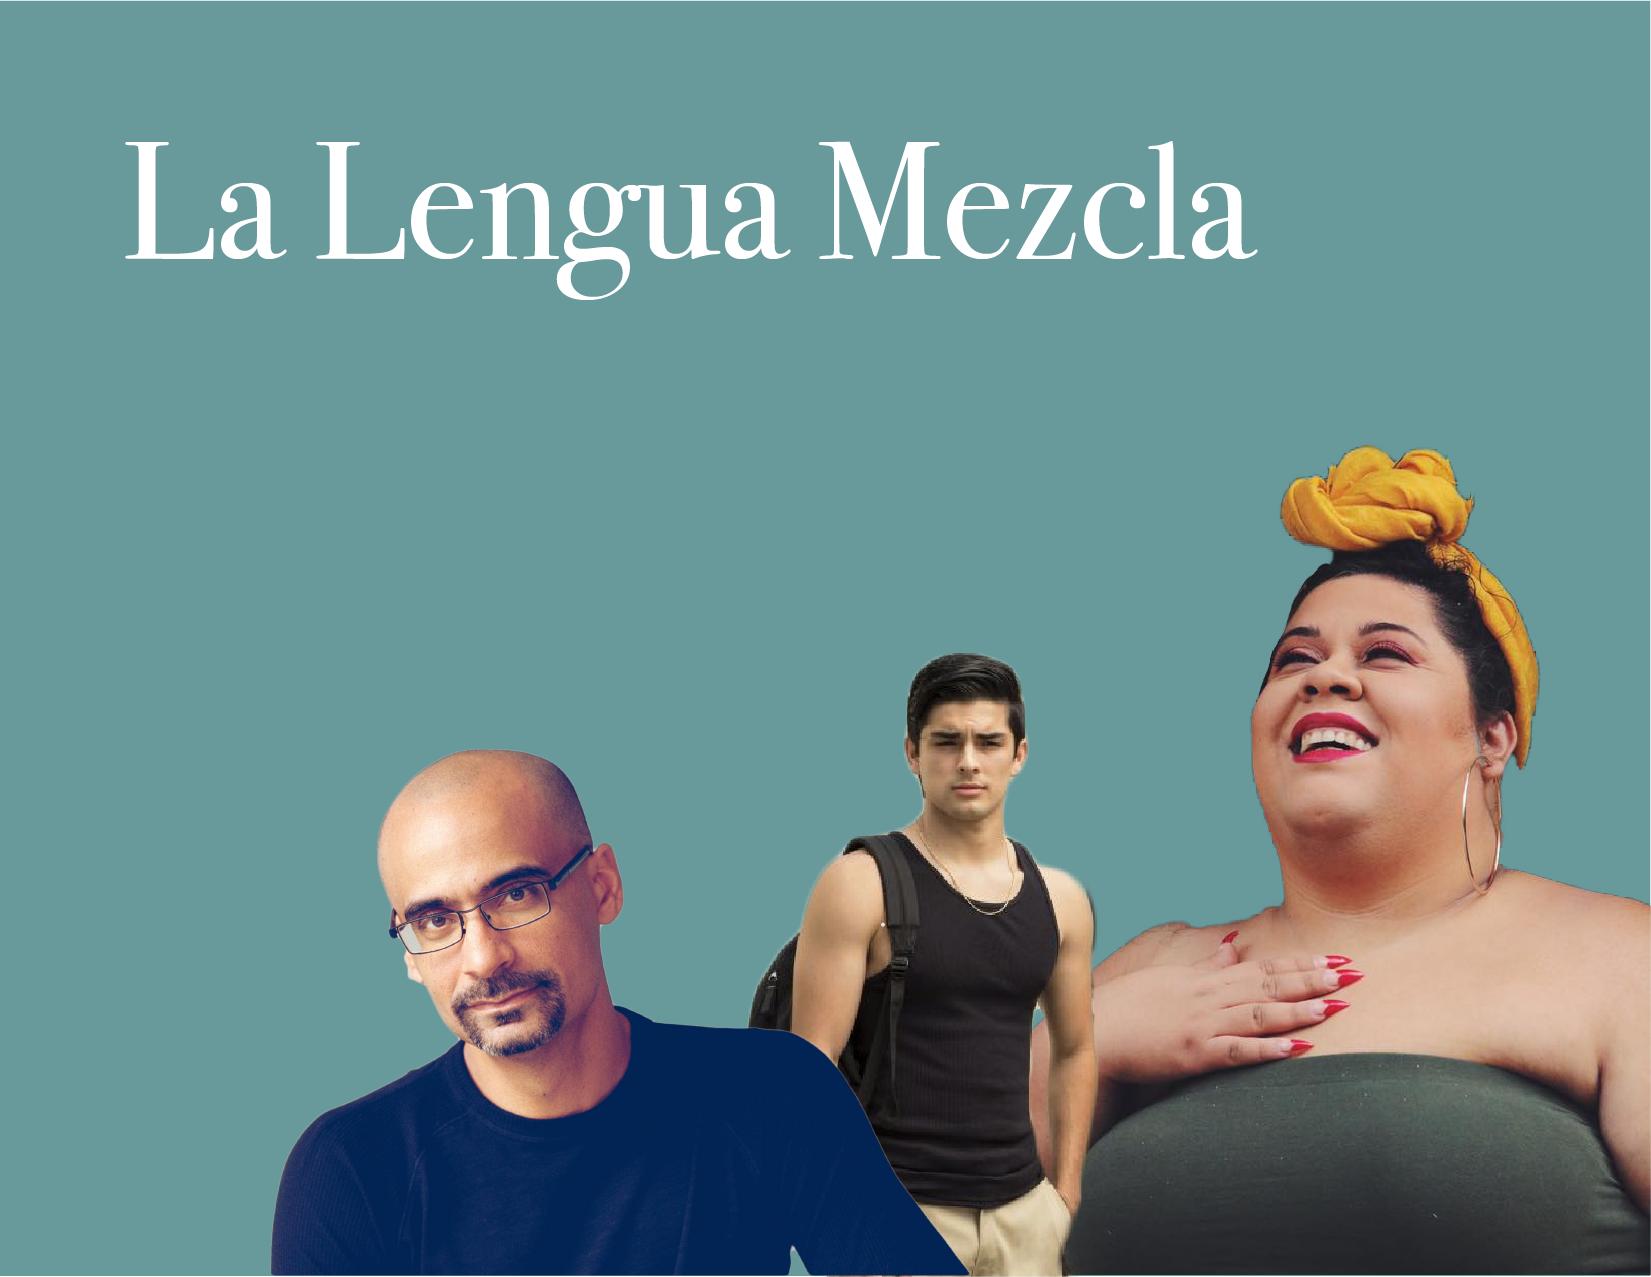 LaLengua Mezcla.png